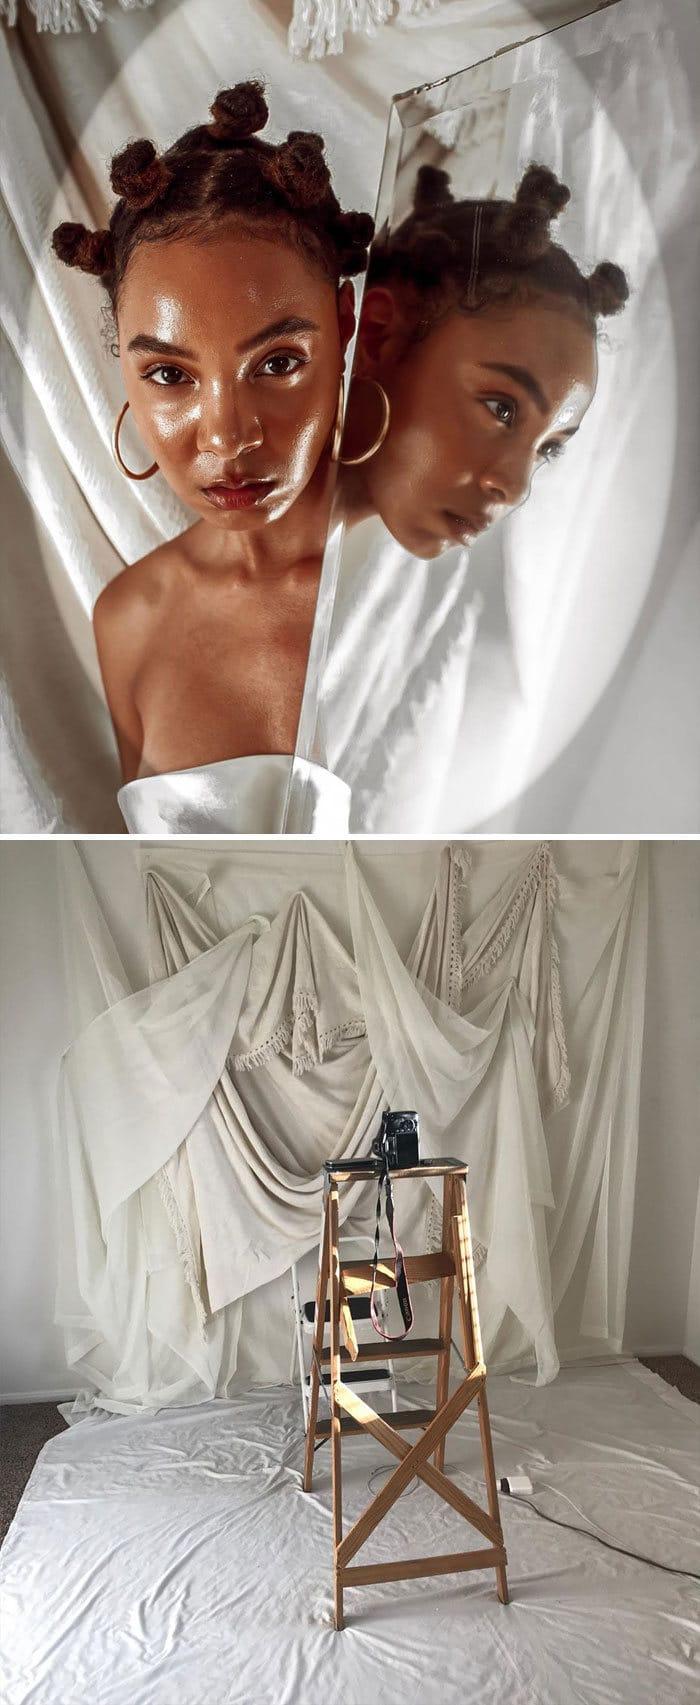 Modelo tira autorretratos dignos de capa de revista em casa totalmente sozinha 6